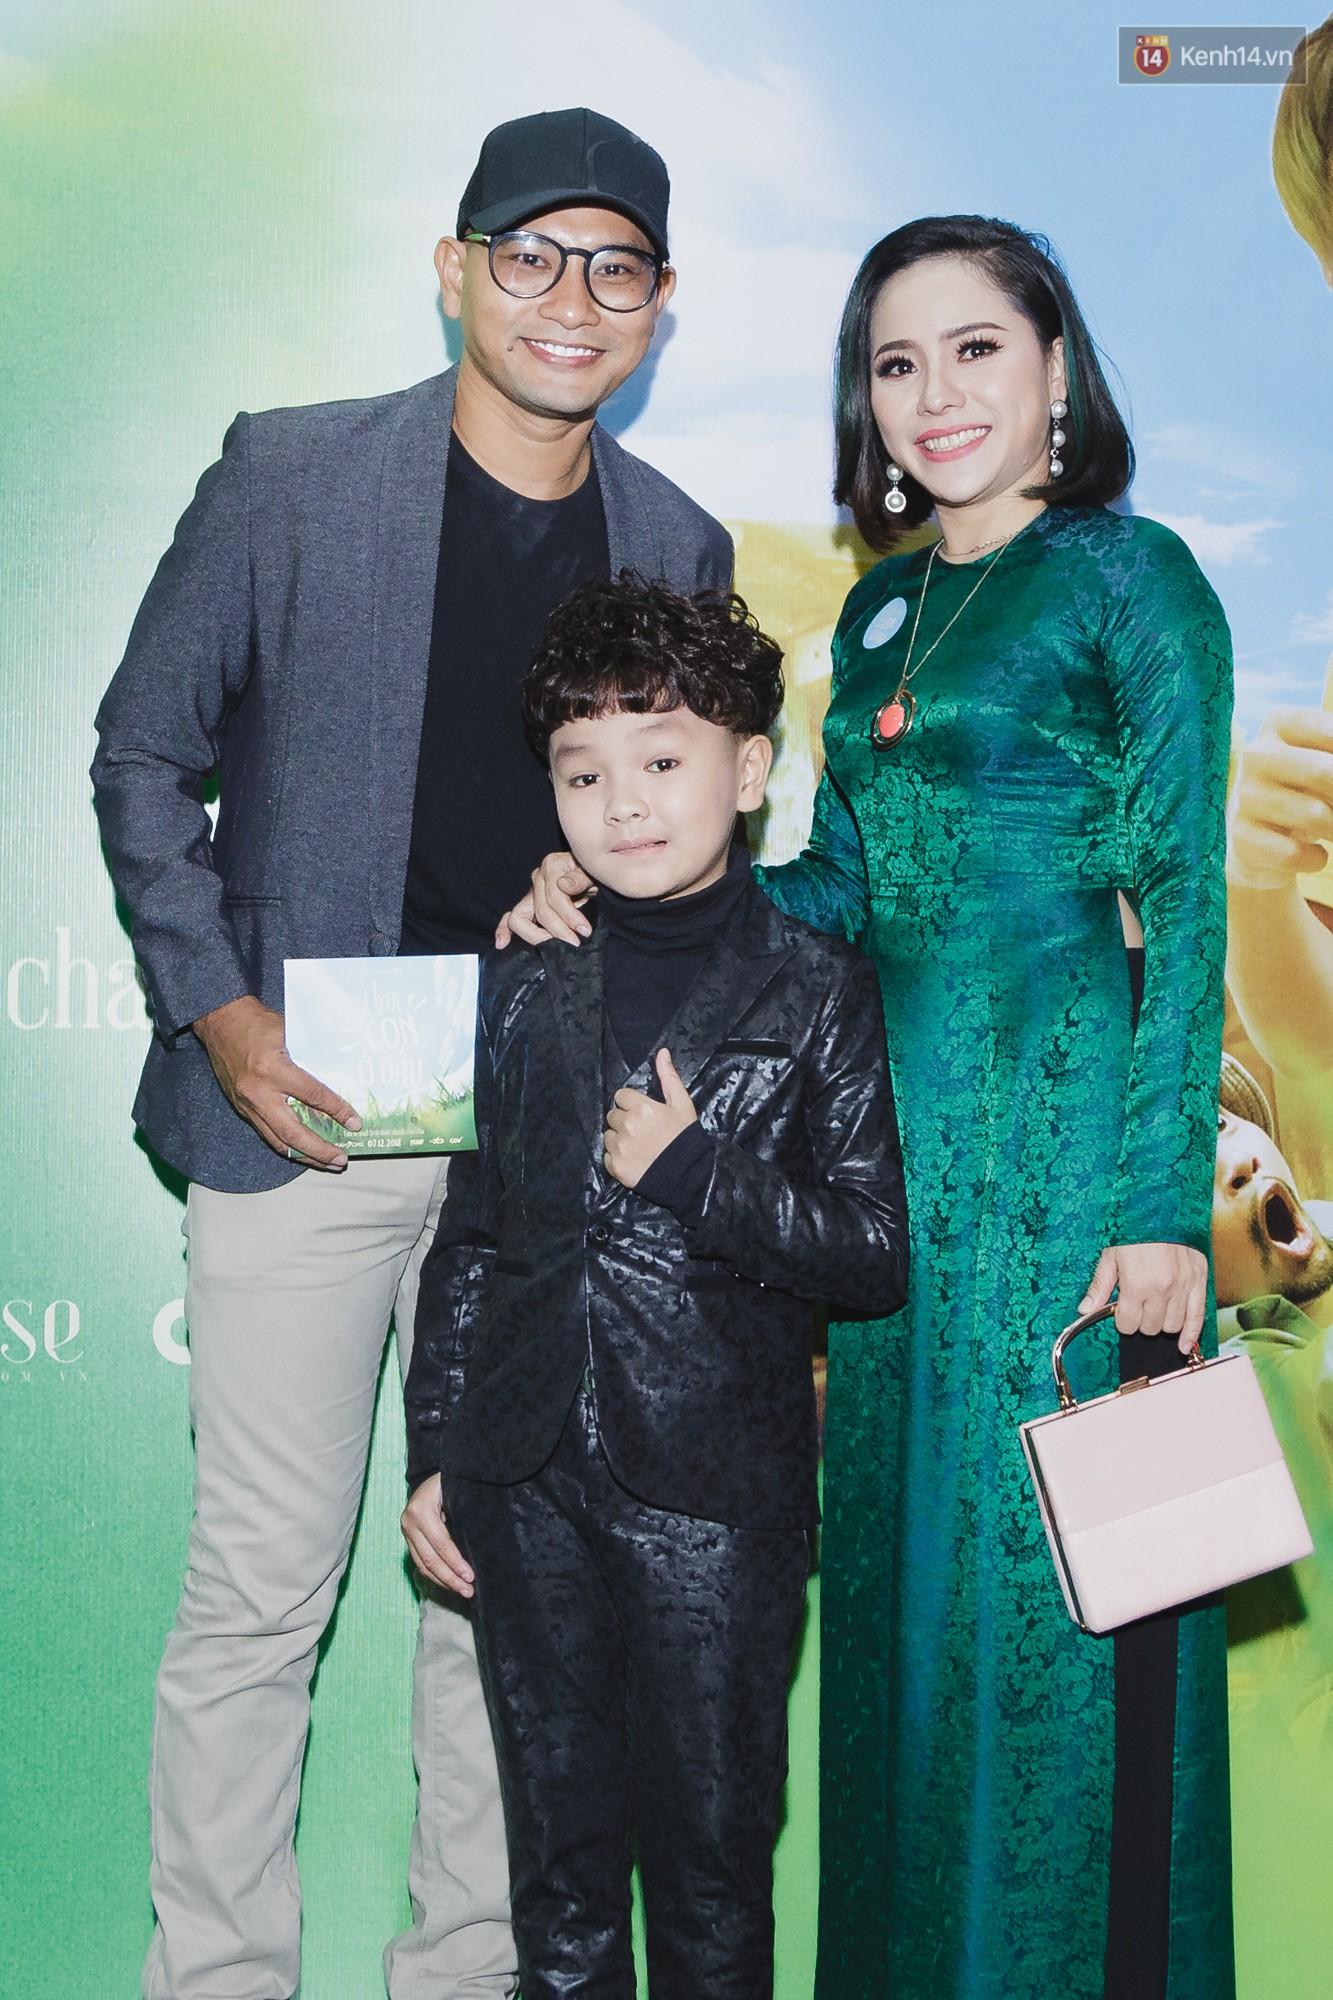 Kaity Nguyễn và Lâm Thanh Mỹ đọ sắc, người xinh như búp bê, người thanh lịch dịu dàng bên thảm đỏ ra mắt phim - Ảnh 12.